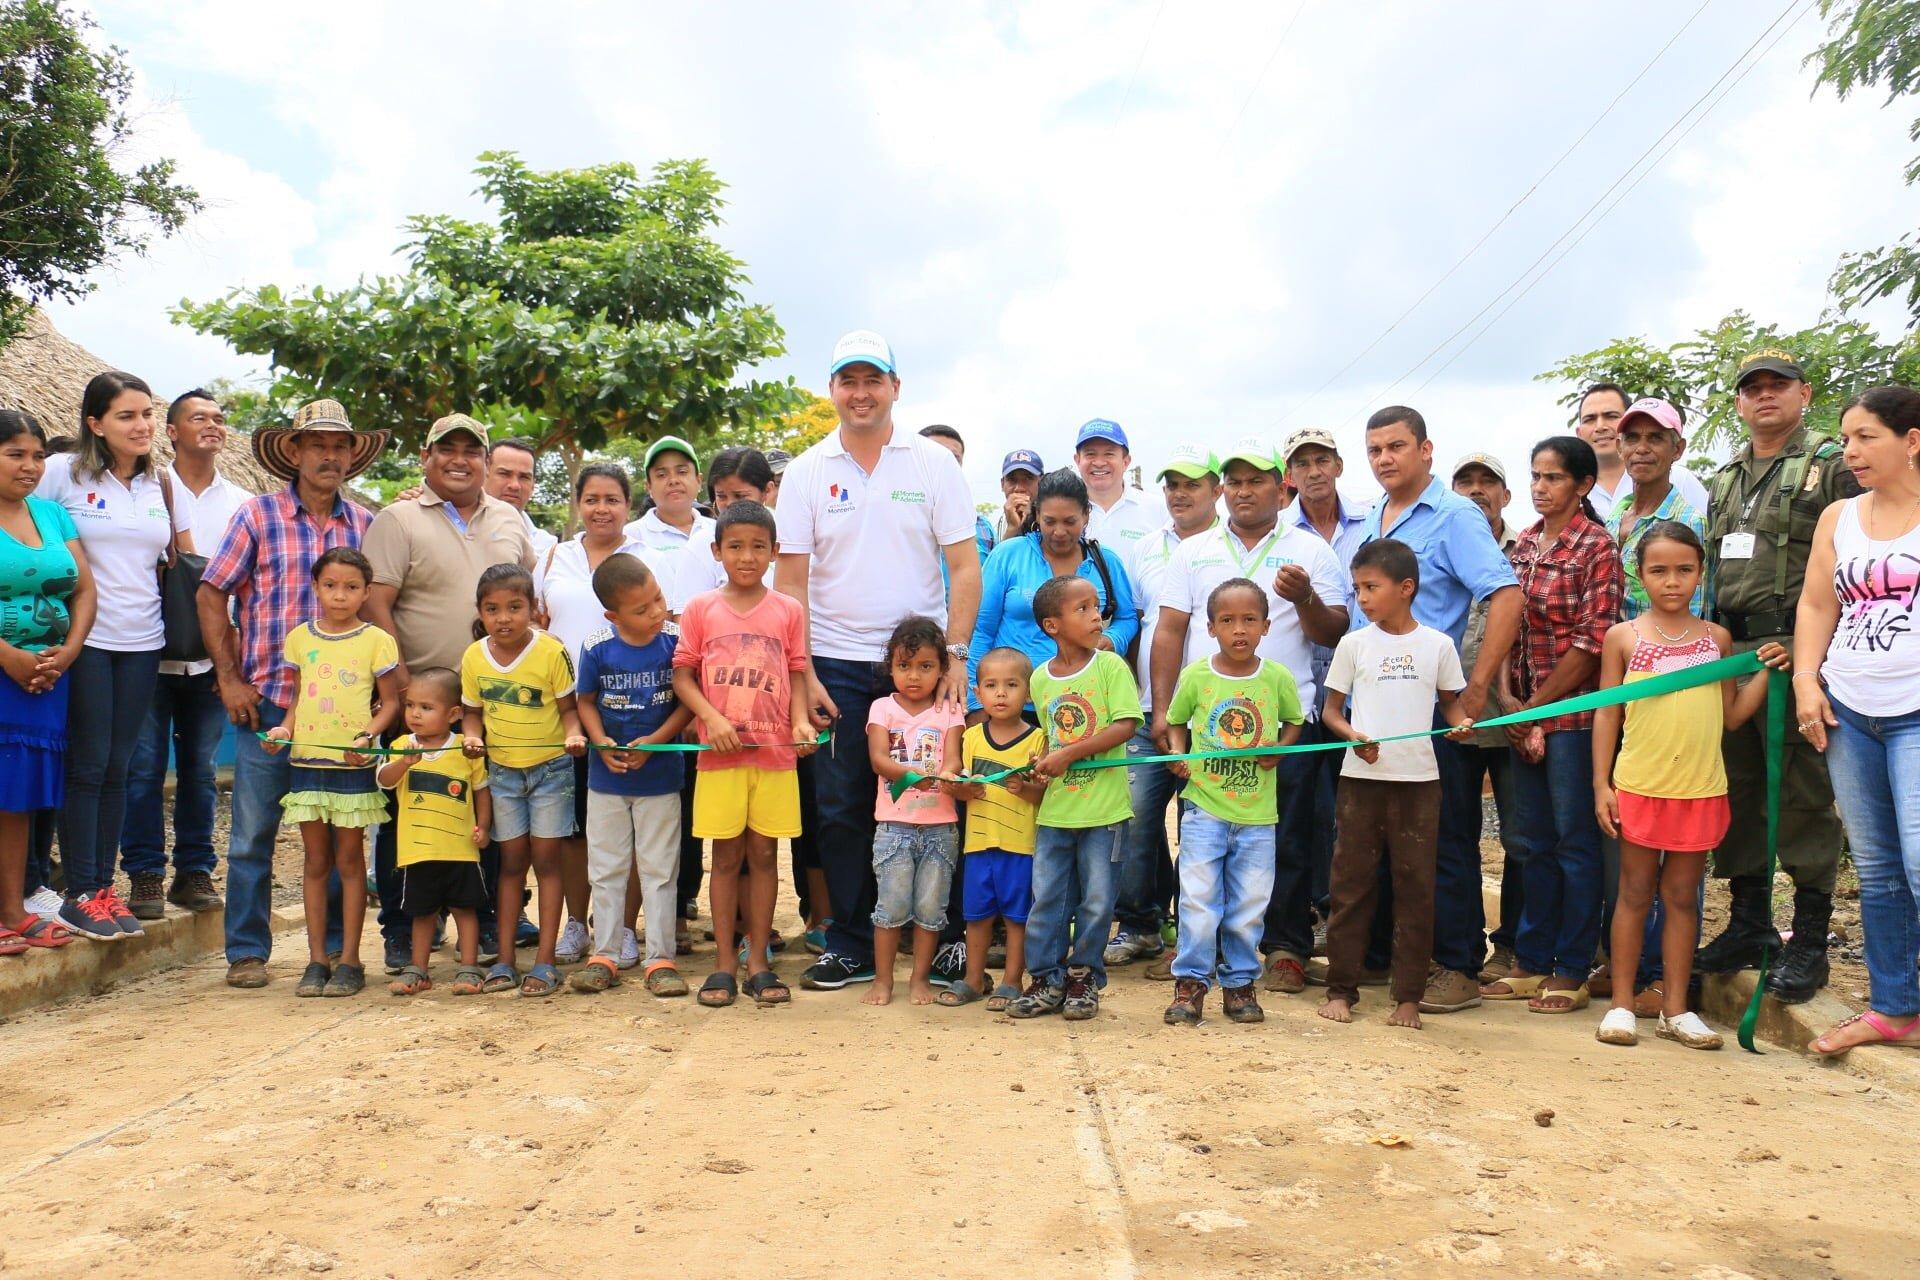 Alcalde y equipo de gobierno hicieron recorrido rural